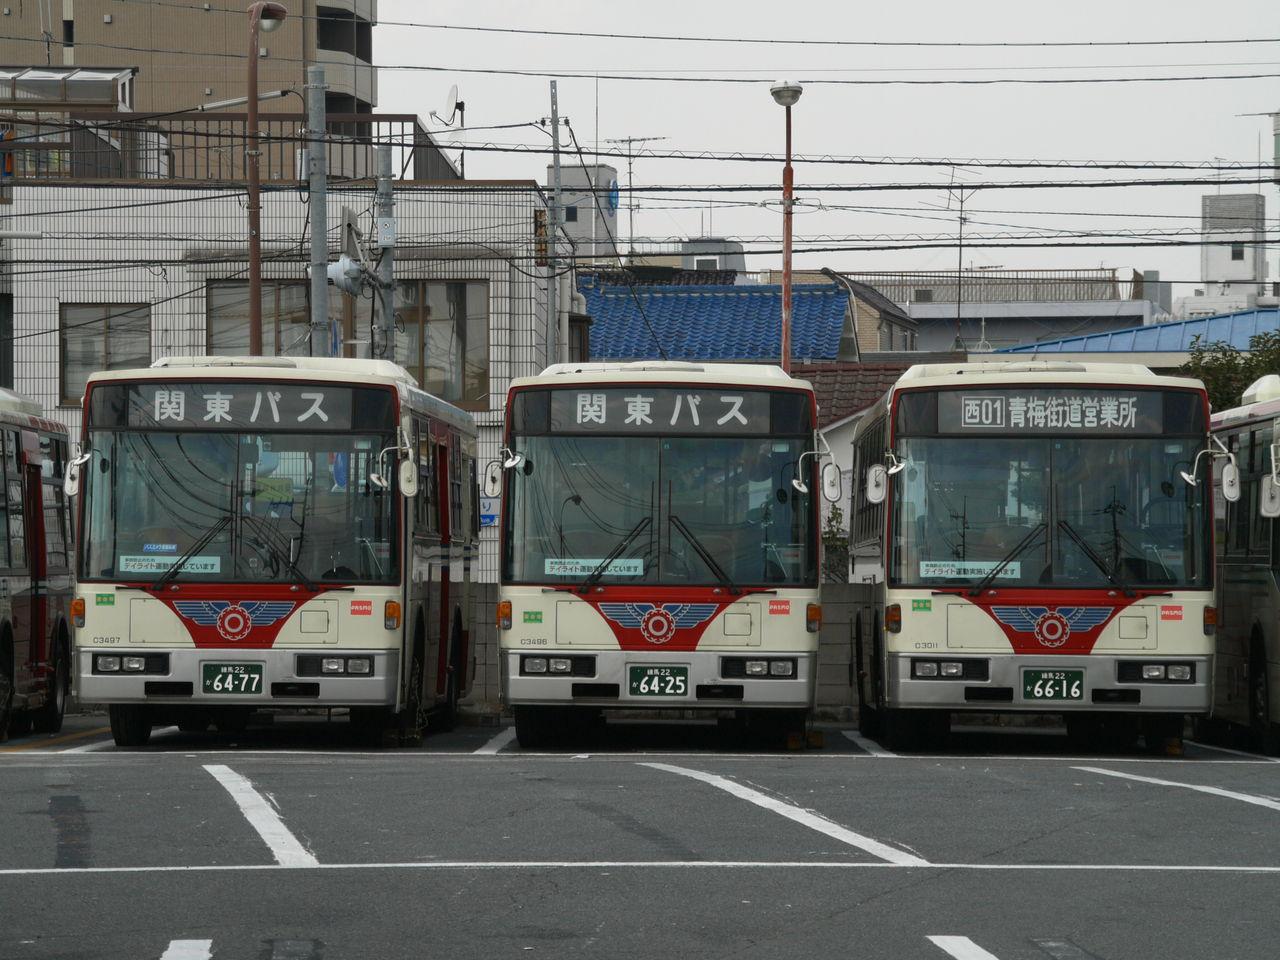 関東バス : 西武関東バス日記